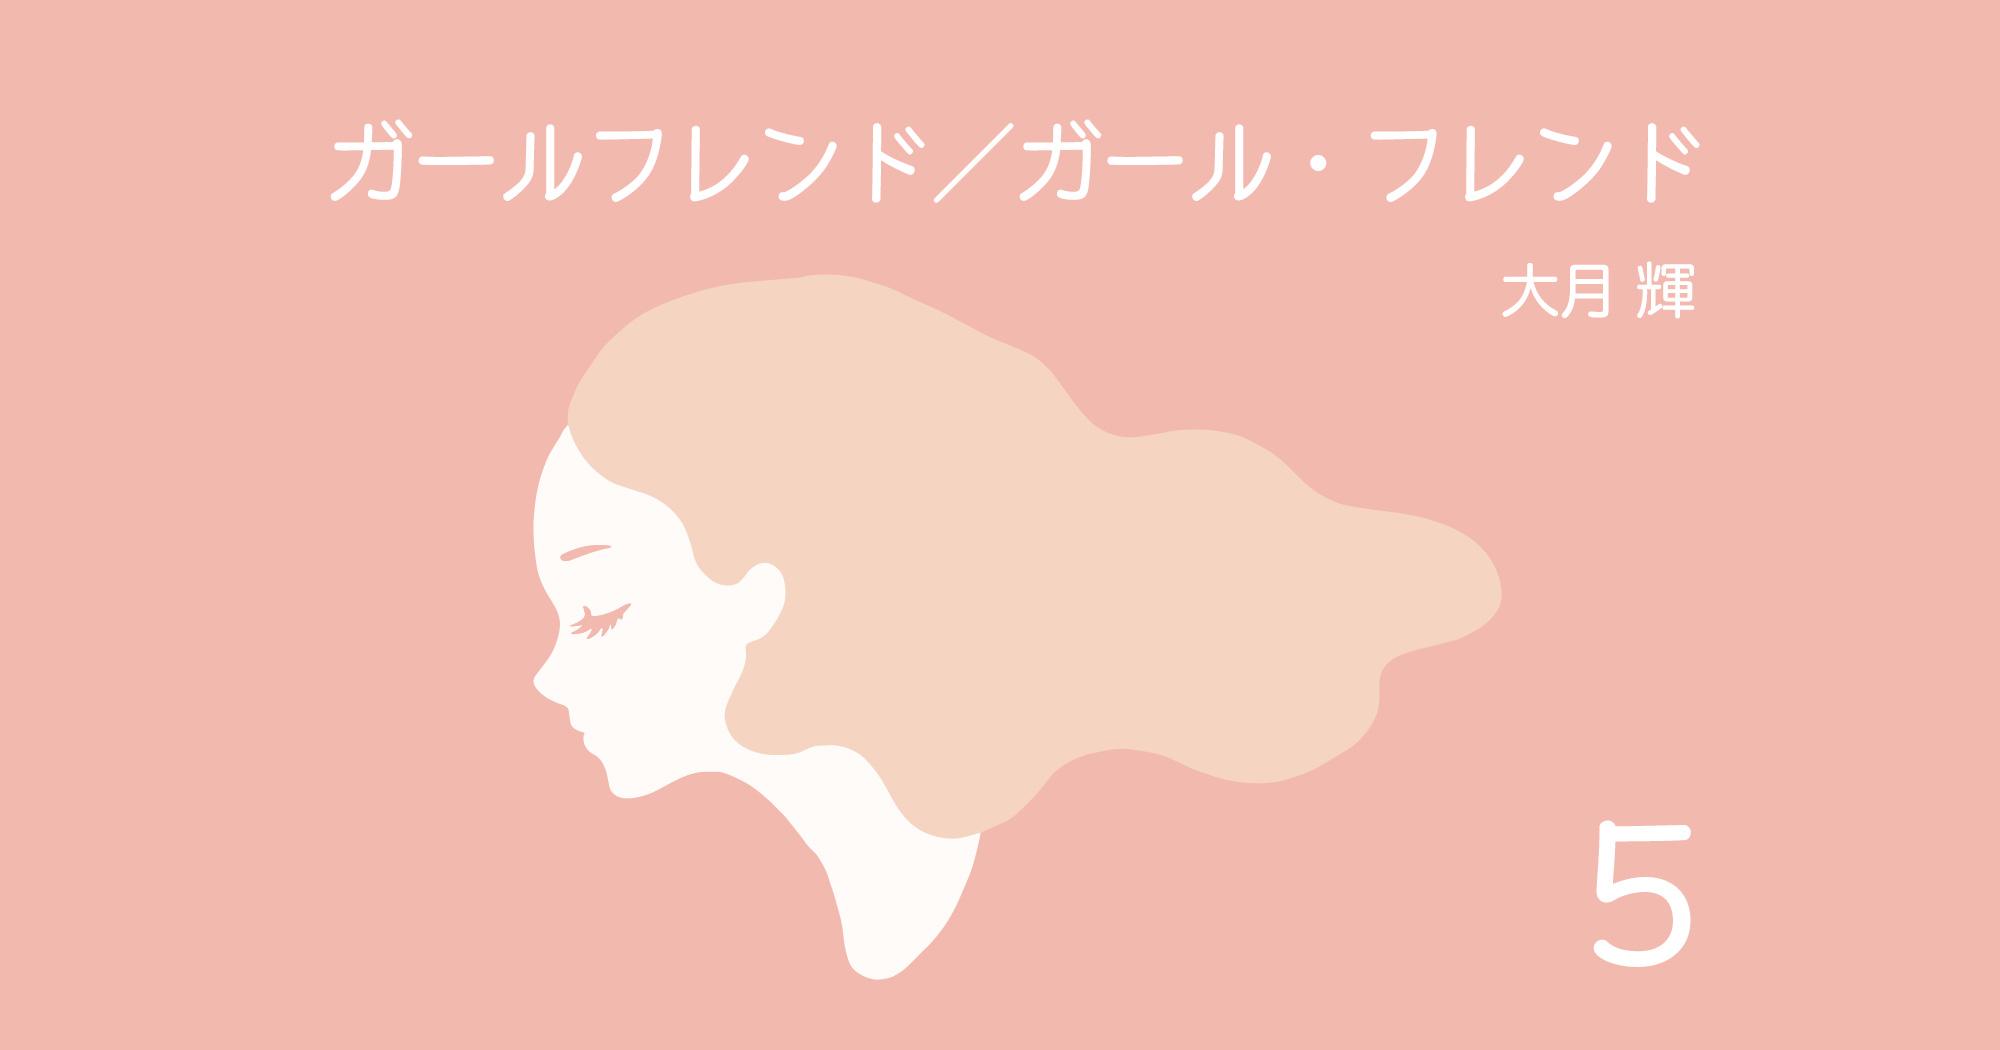 ガールフレンド/ガール・フレンド - 5